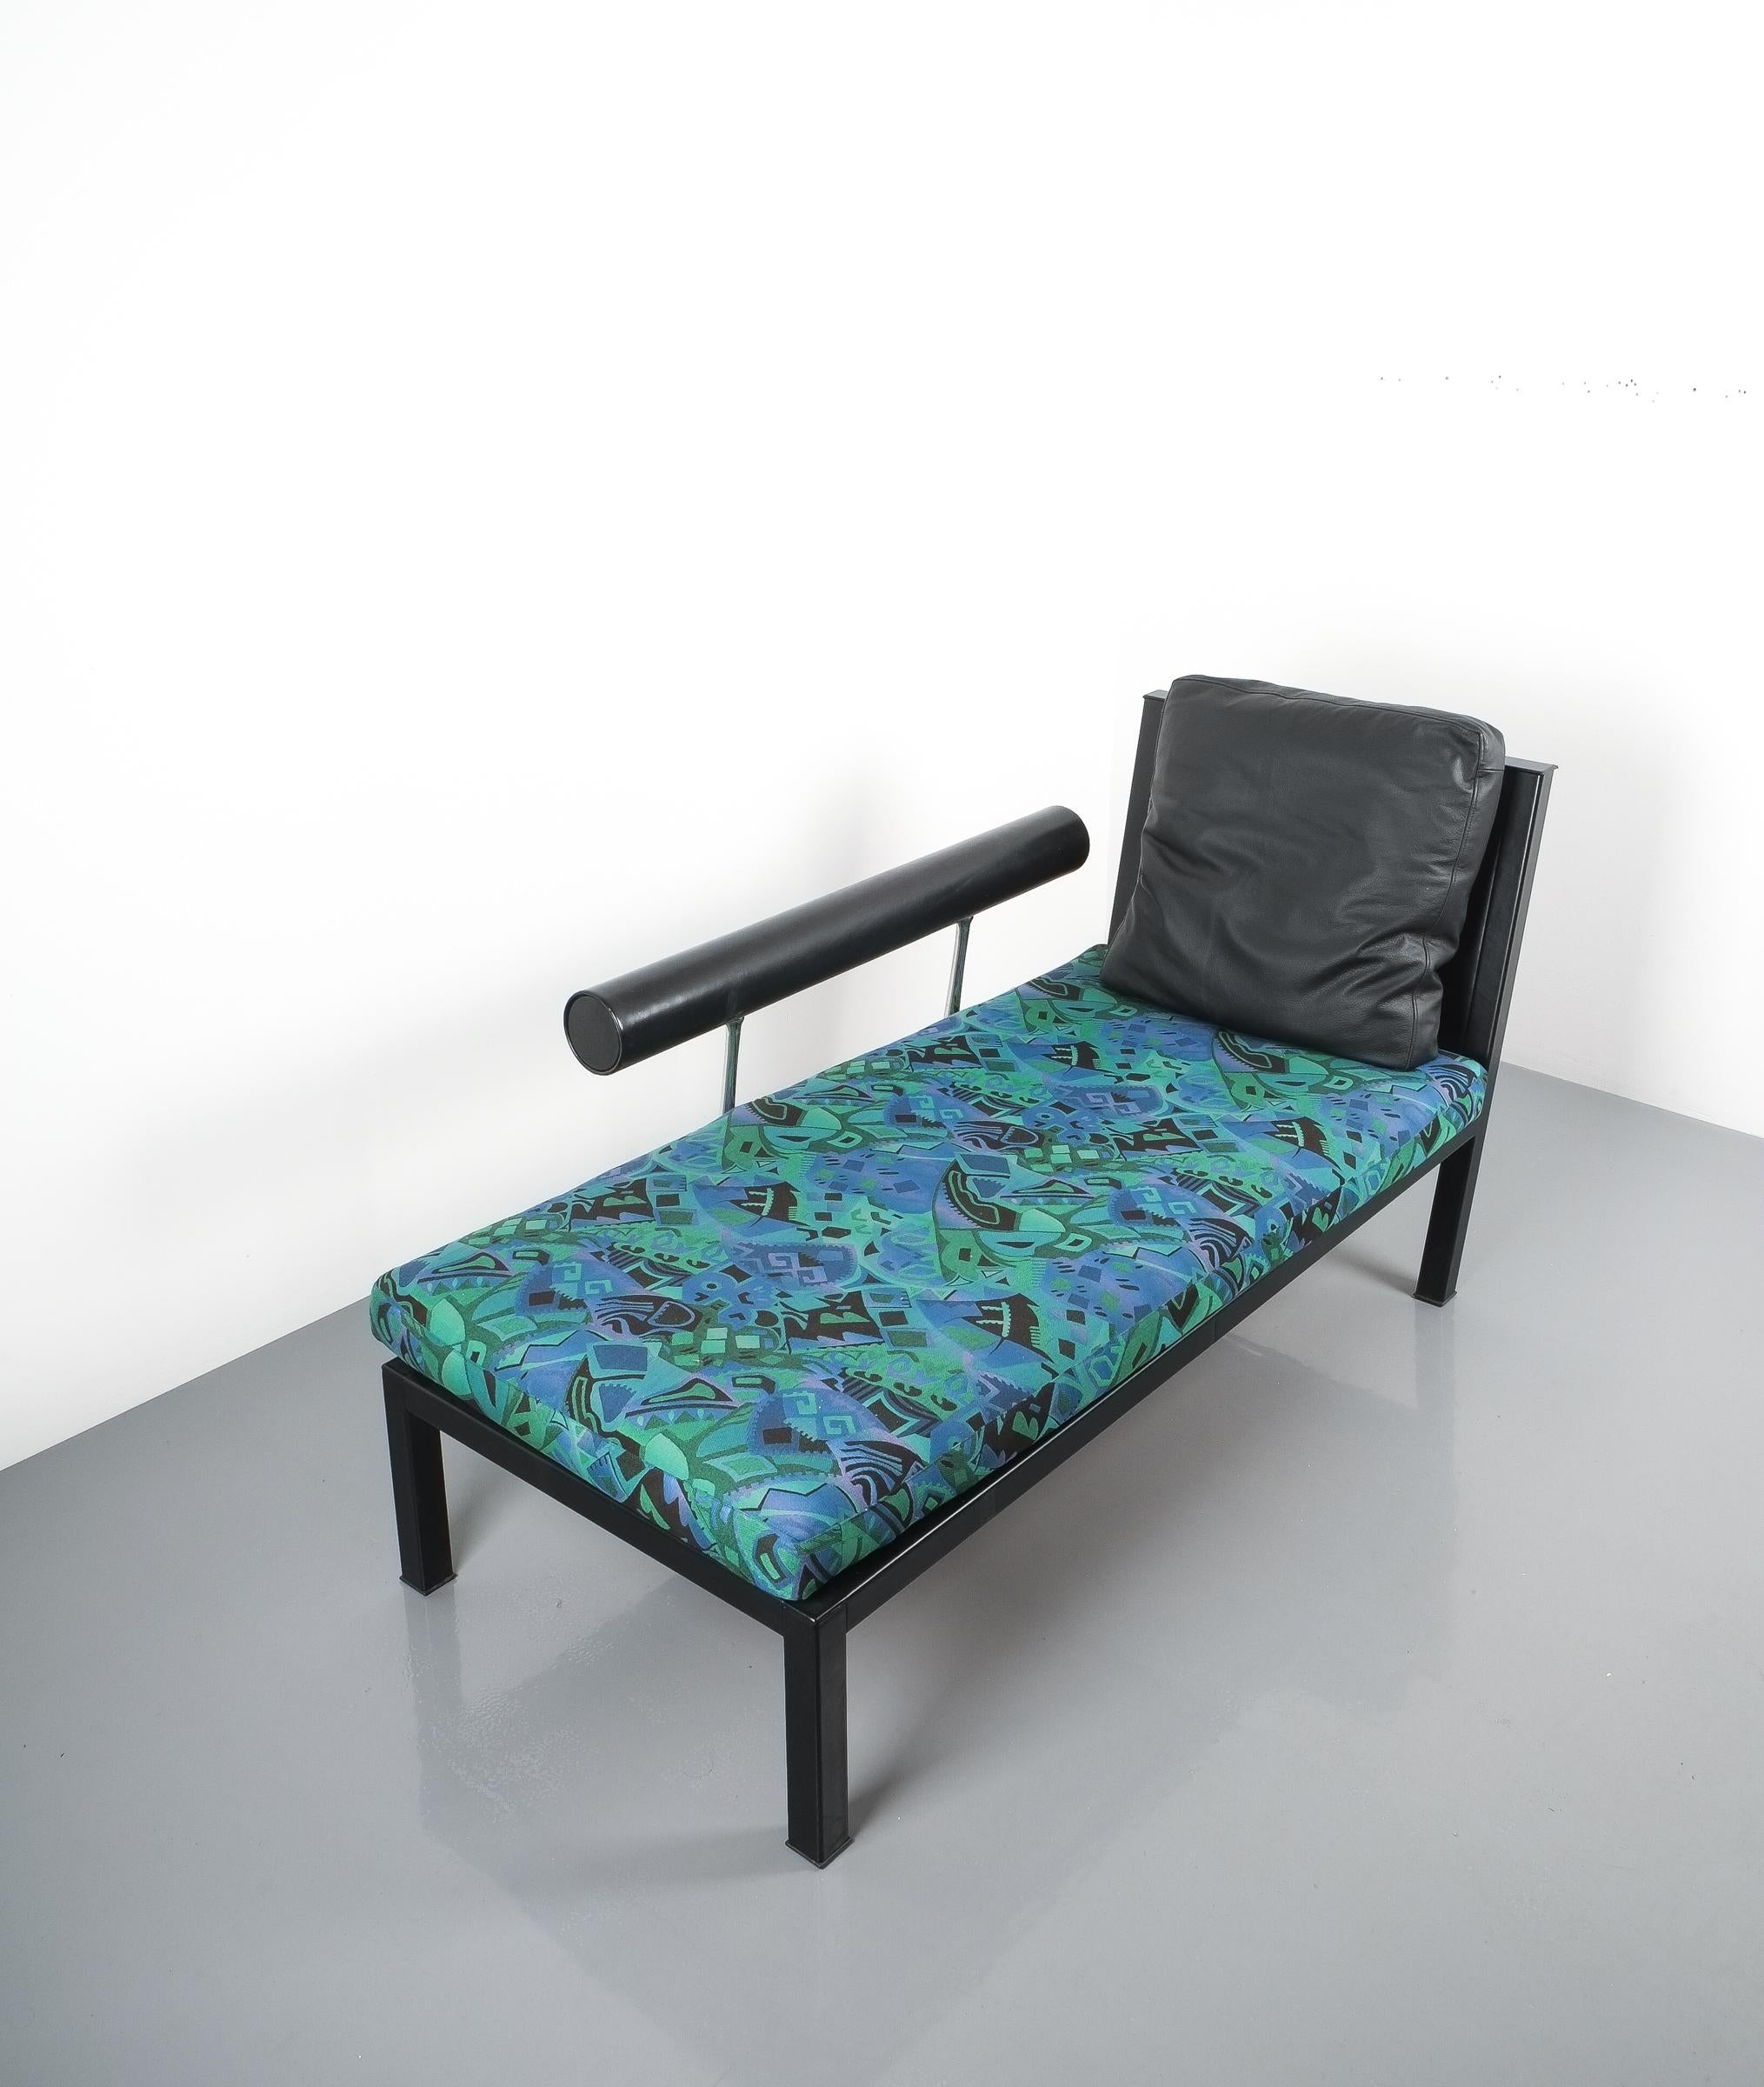 Leder Chaise Lounge Baisity von Antonio Citterio für B and B Italien ...